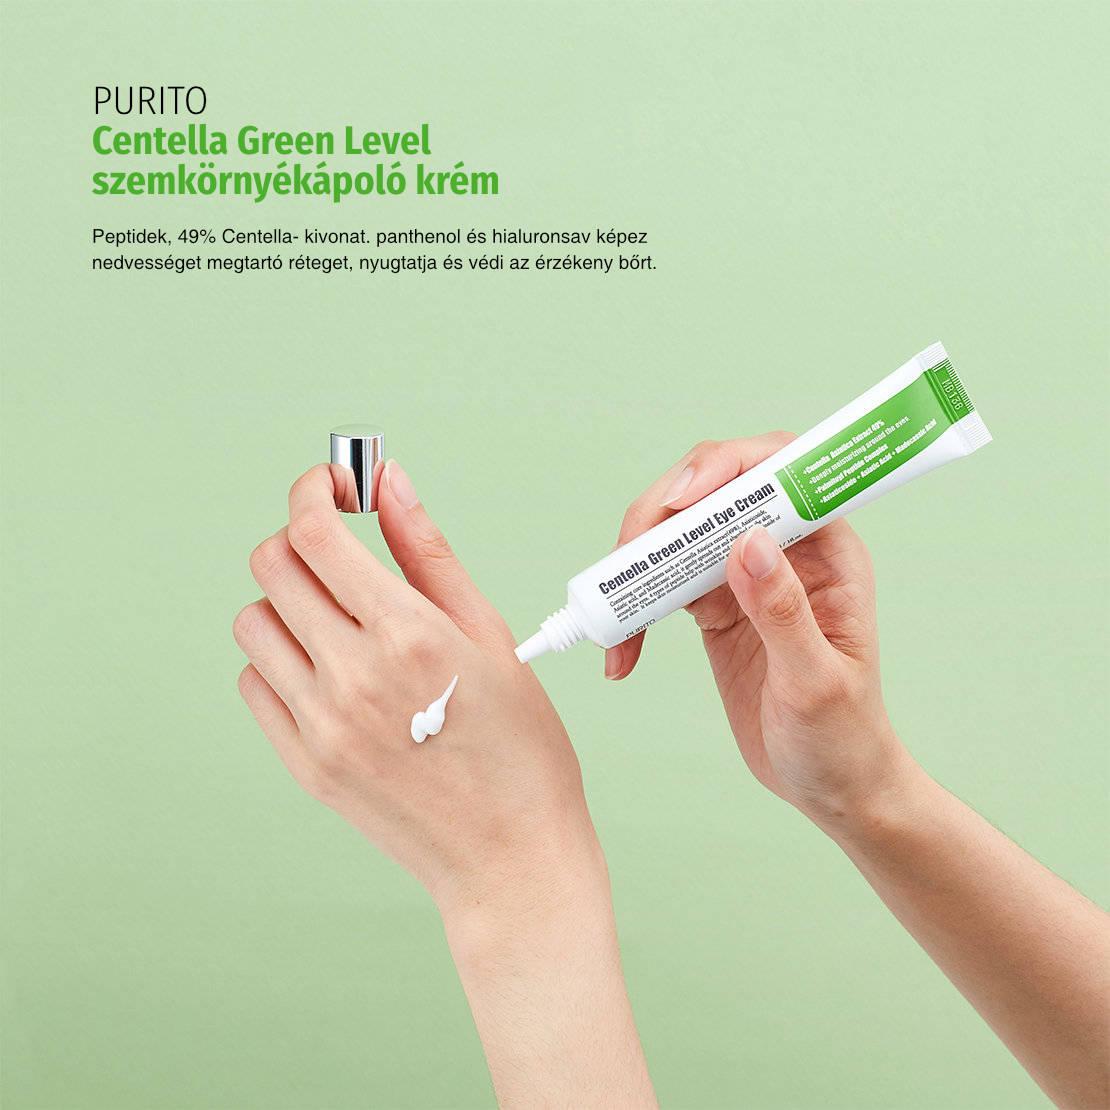 purito-Centella-Green-Level-szemkornyekapolo-krem